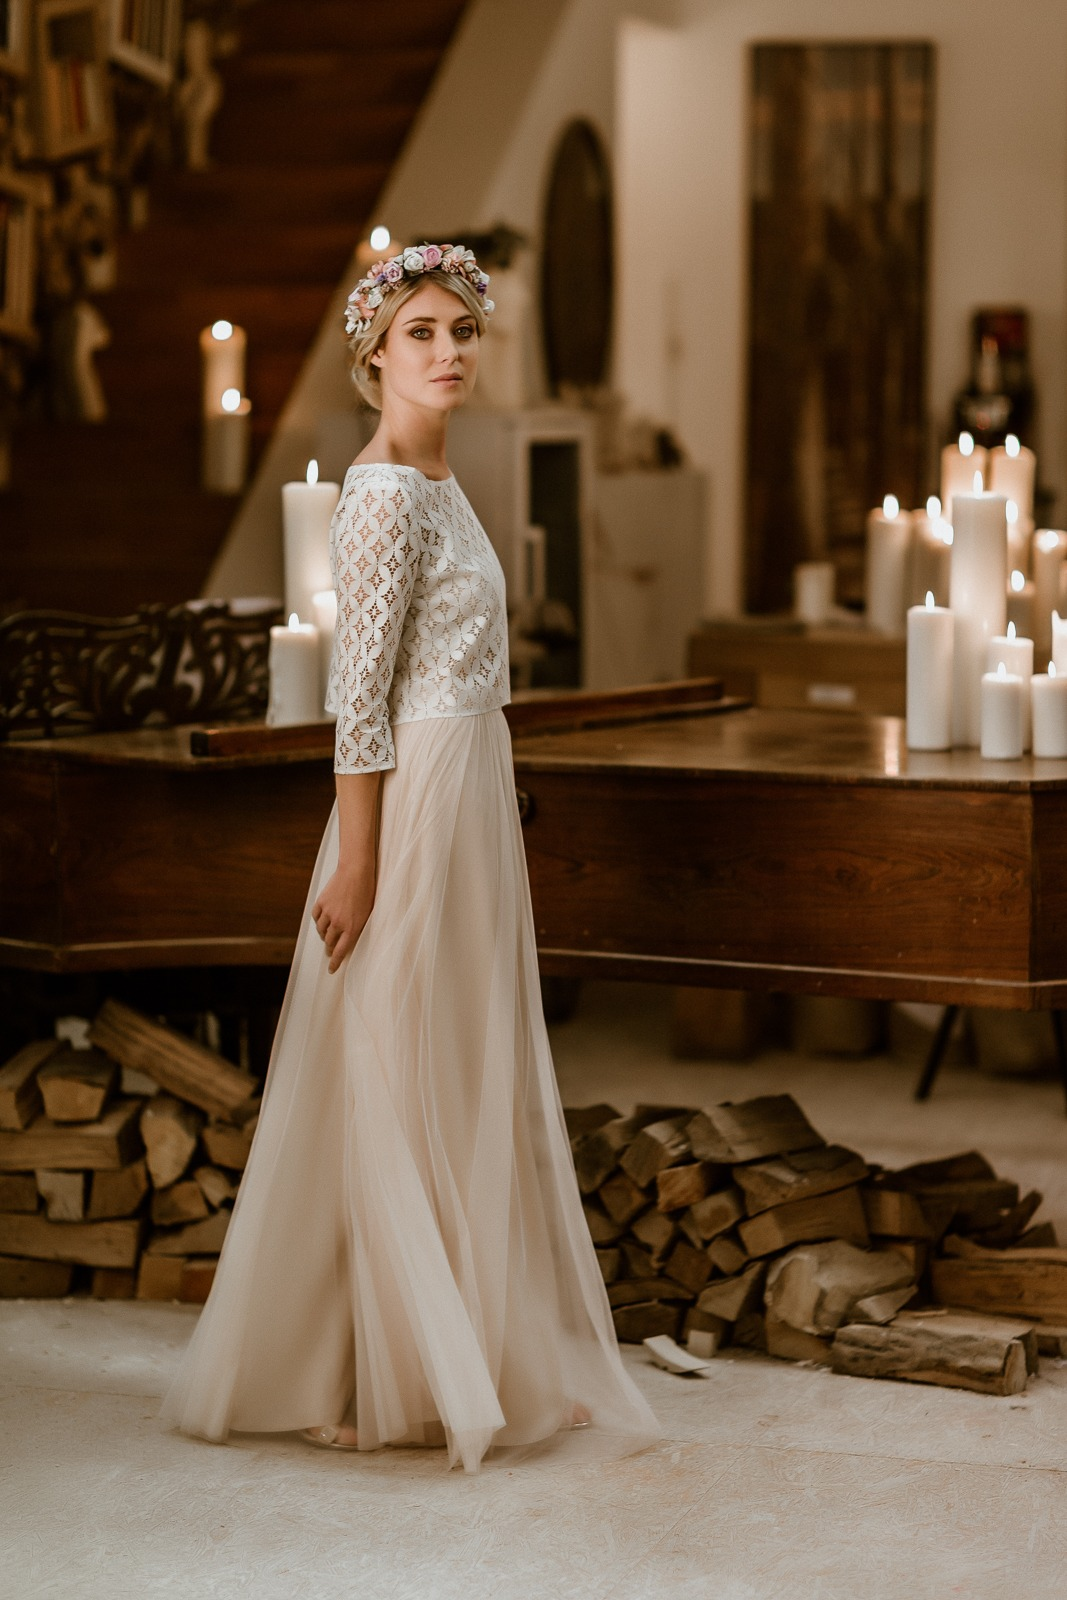 langes Brautkleid mit Tüllrock in Puderrosa und Spitzentop, Ganzkörper-/Seitenansicht